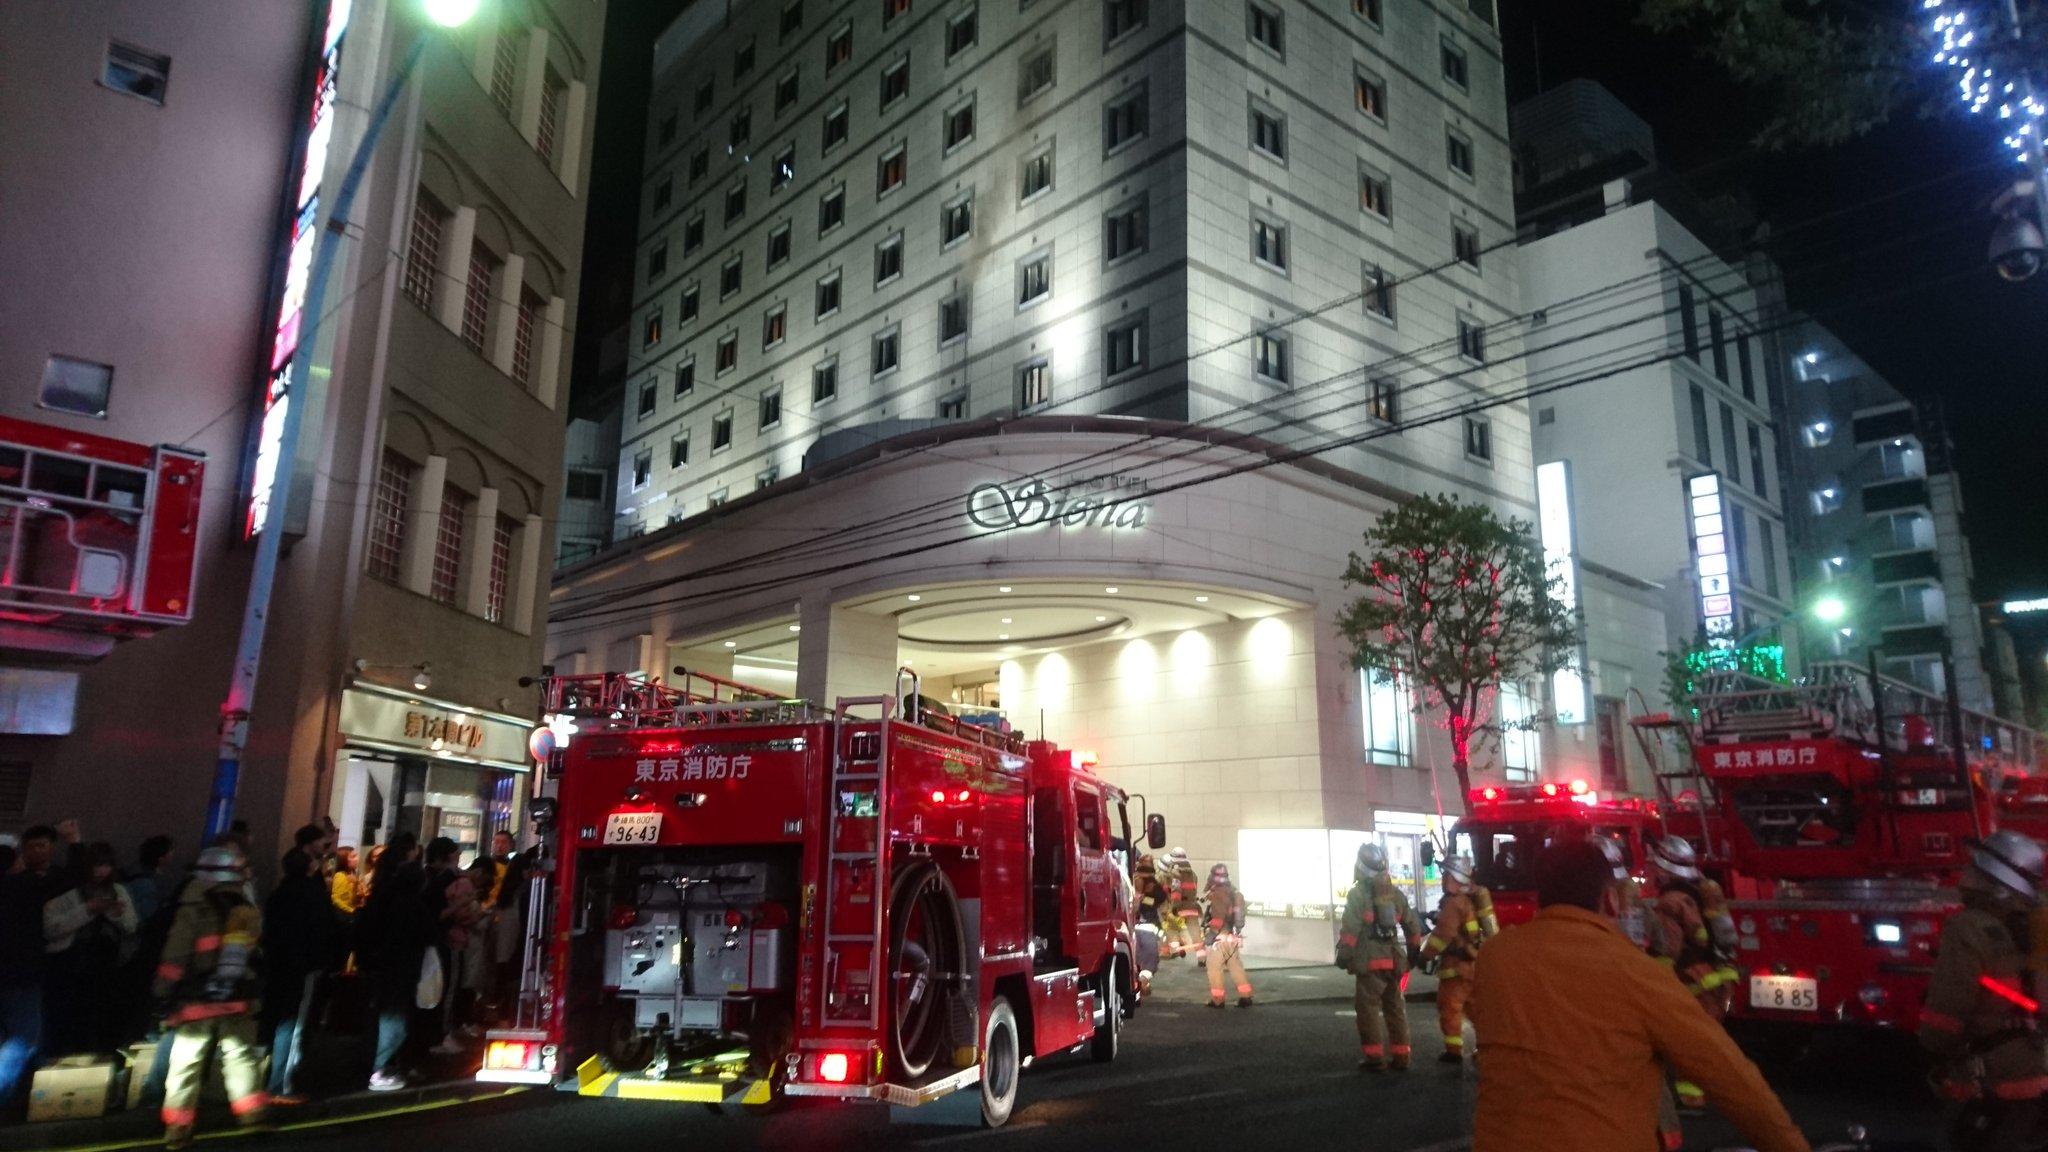 画像,@kyosk5cl いったんよ……いったら火事に遭遇した https://t.co/Gy7EijaIOI。